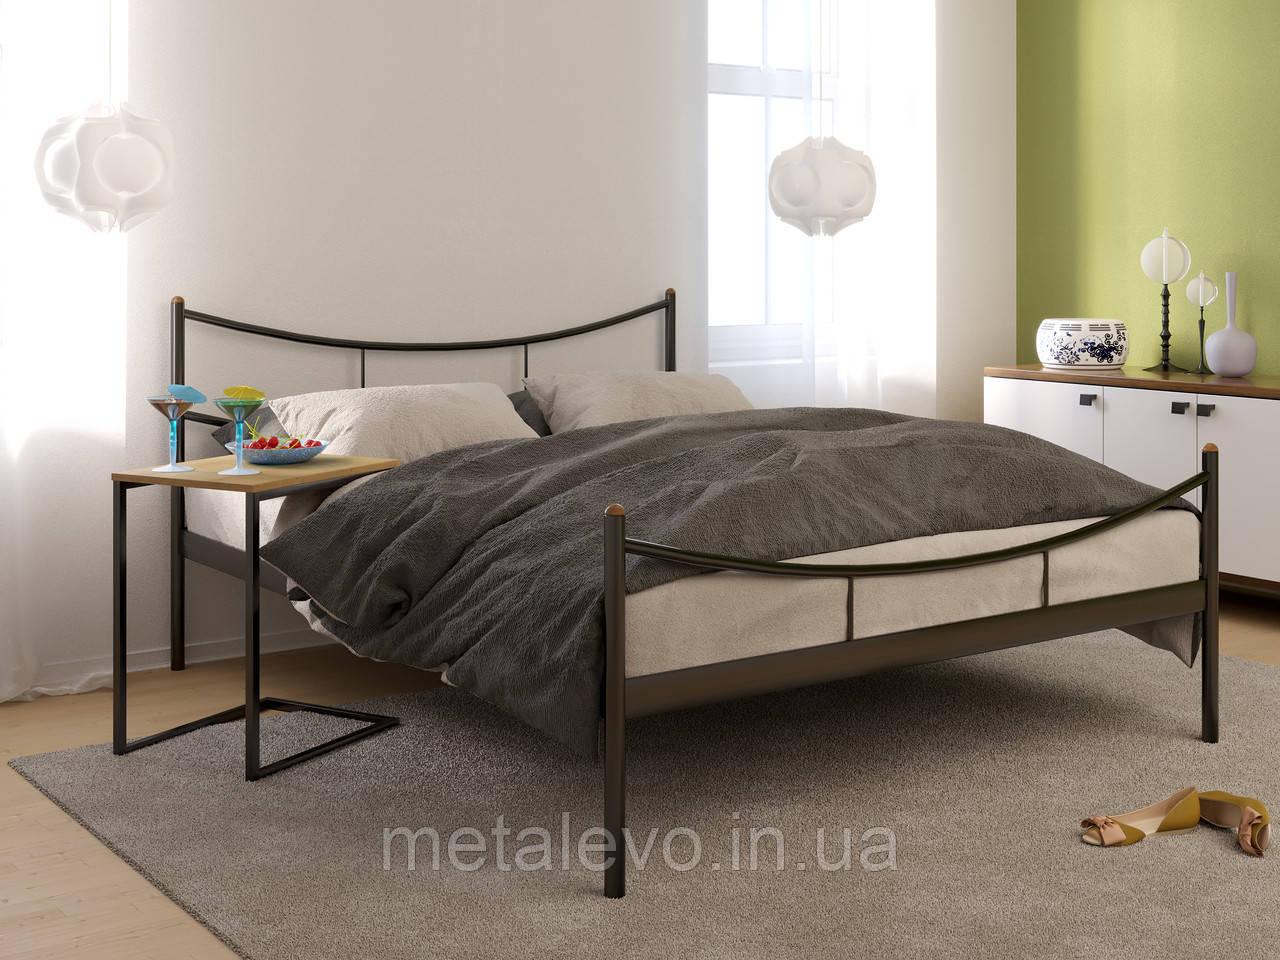 Металлическая кровать с изножьем САКУРА -2 (SAKURA -2)